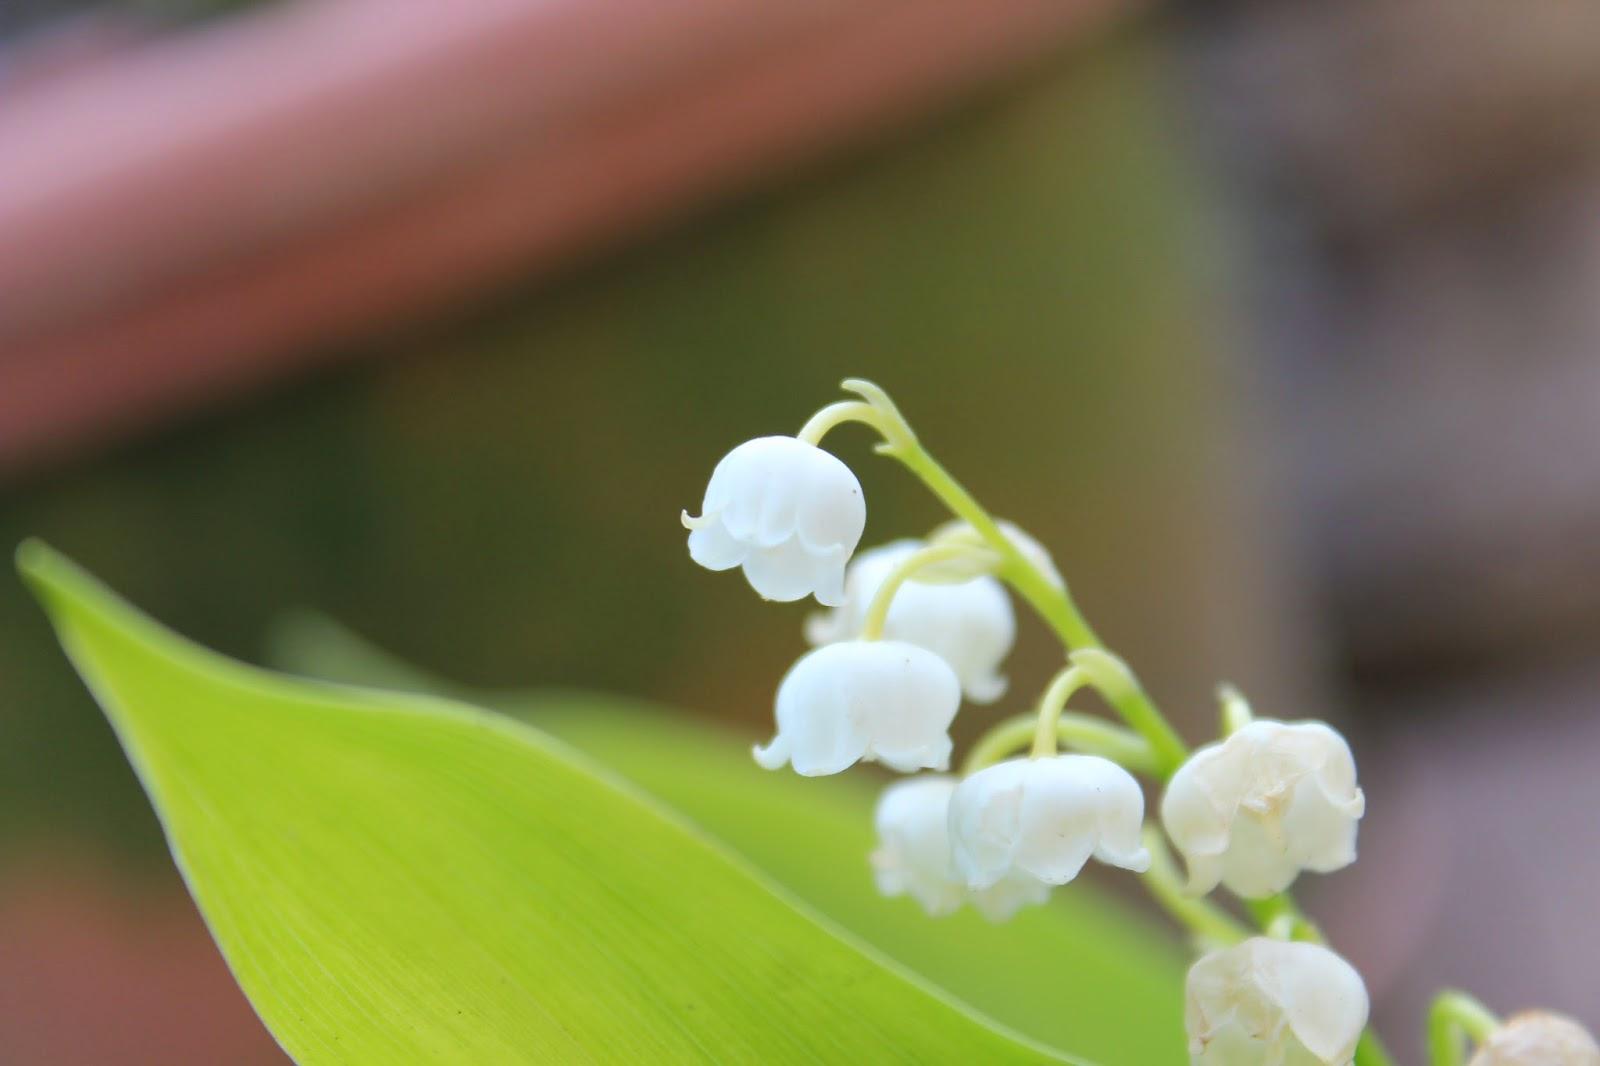 Blumen im märz  happy nature working cooking living: Blumen im März